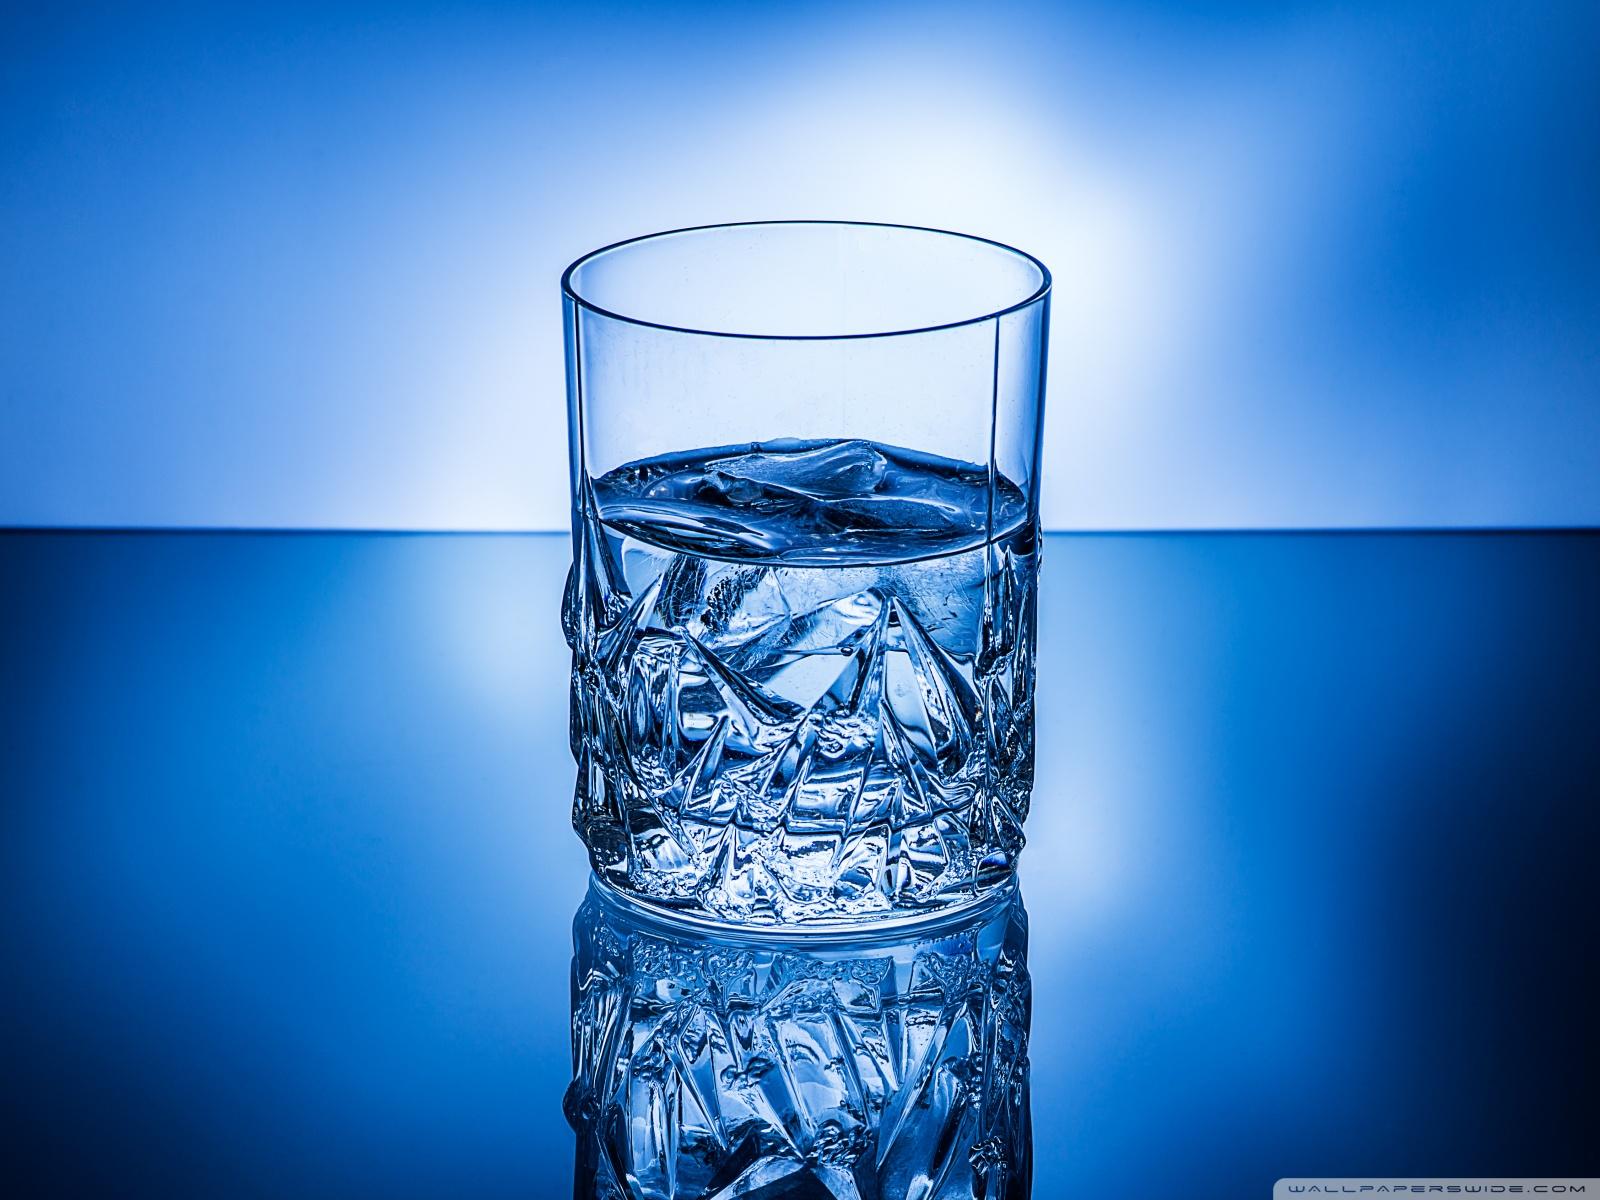 Free Glass Of Ice Water phone wallpaper by saito_chikara